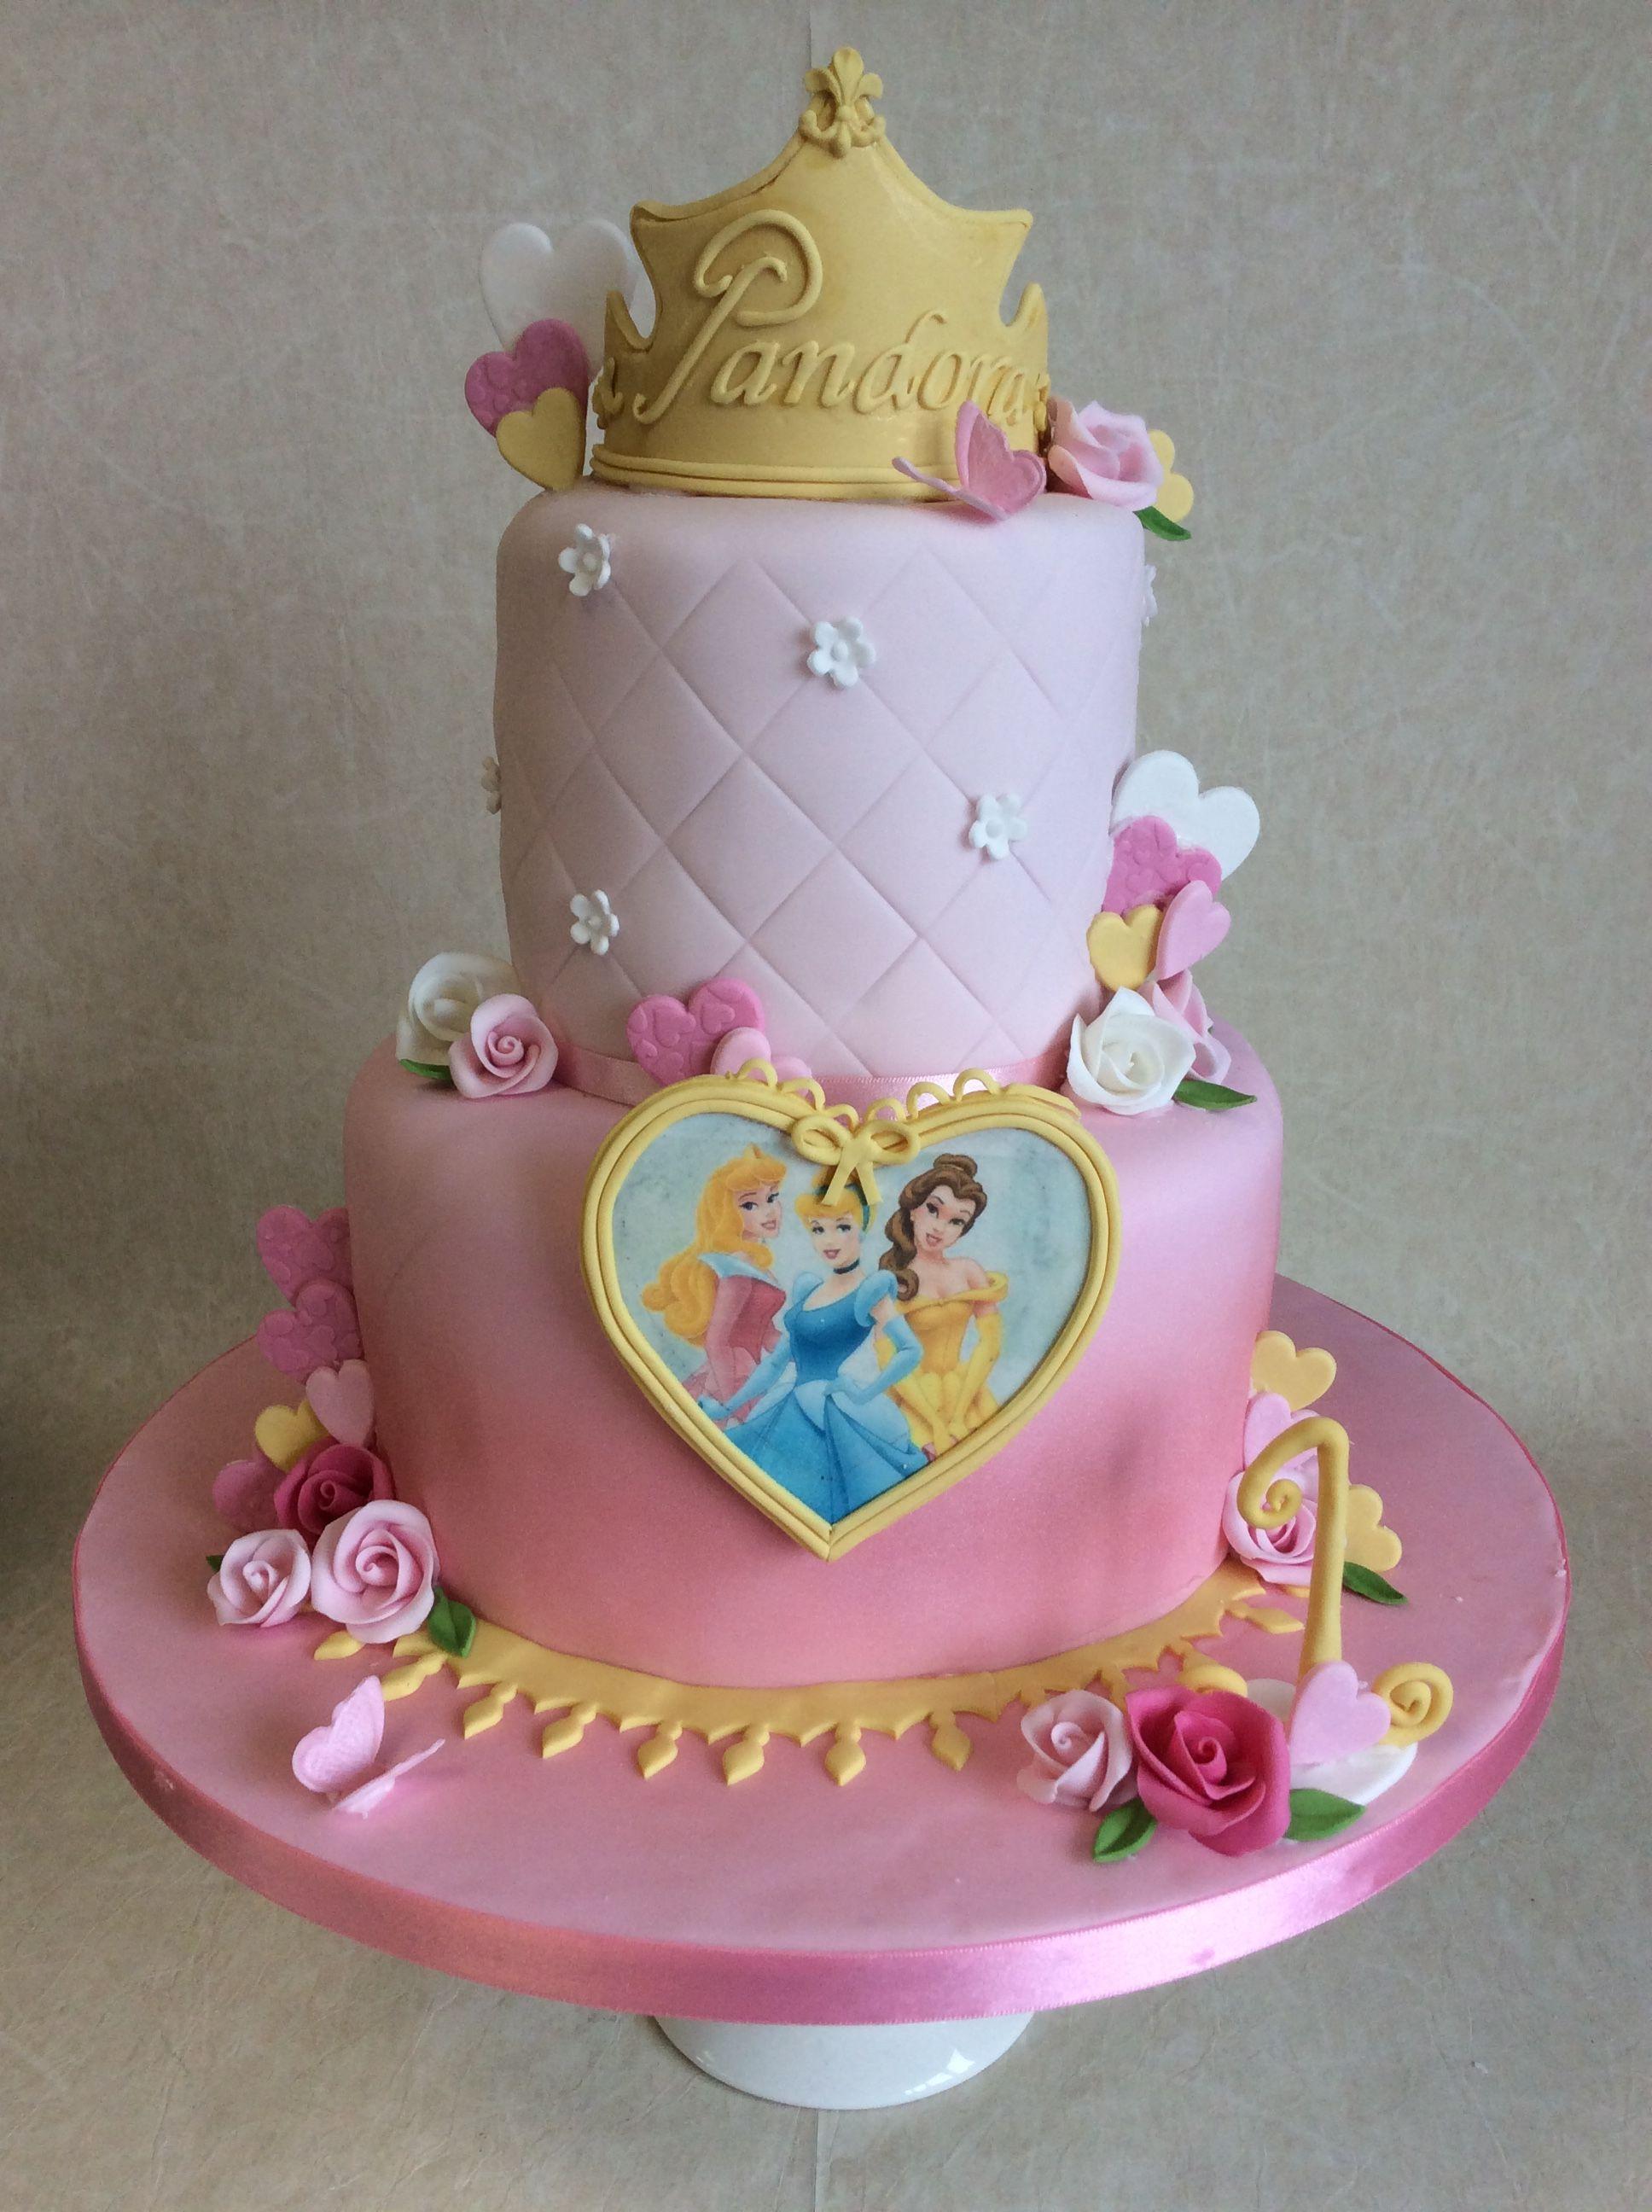 2 Tier Disney Princess Theme 1st Birthday Cake